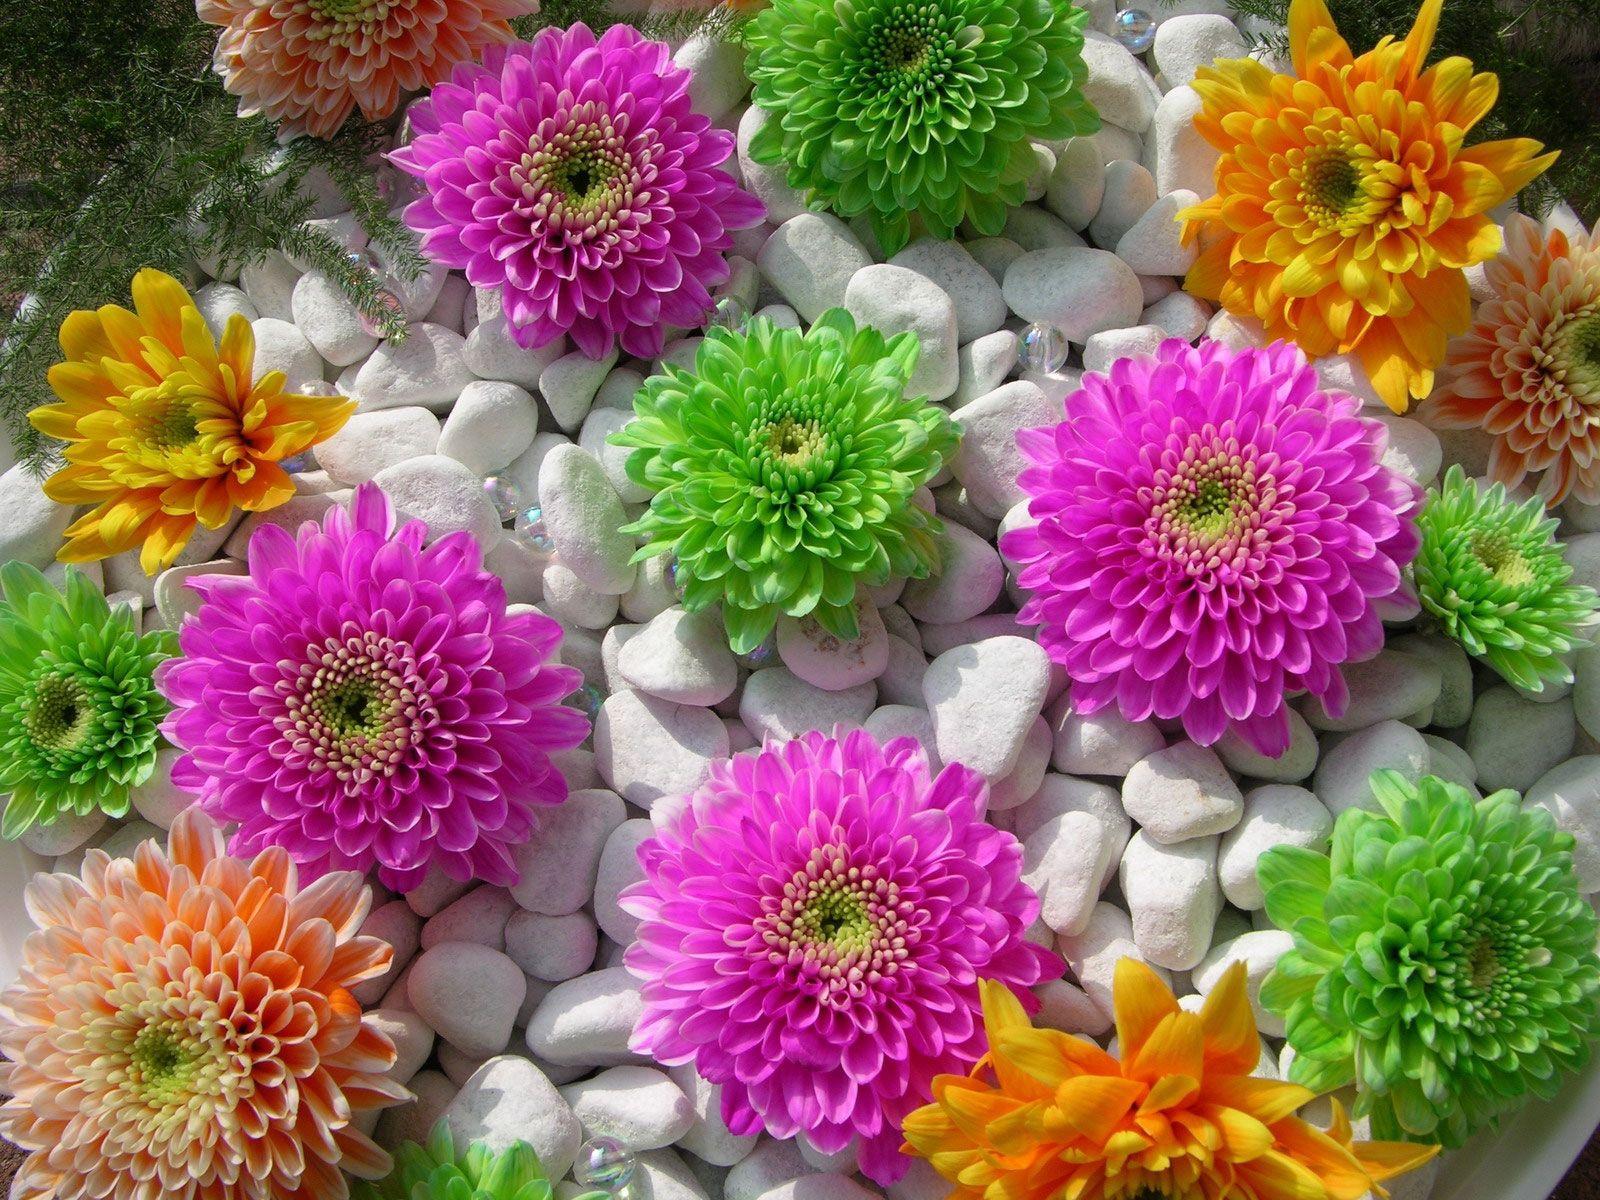 58178 скачать обои Цветы, Камни, Композиция, Красота, Хризантемы - заставки и картинки бесплатно